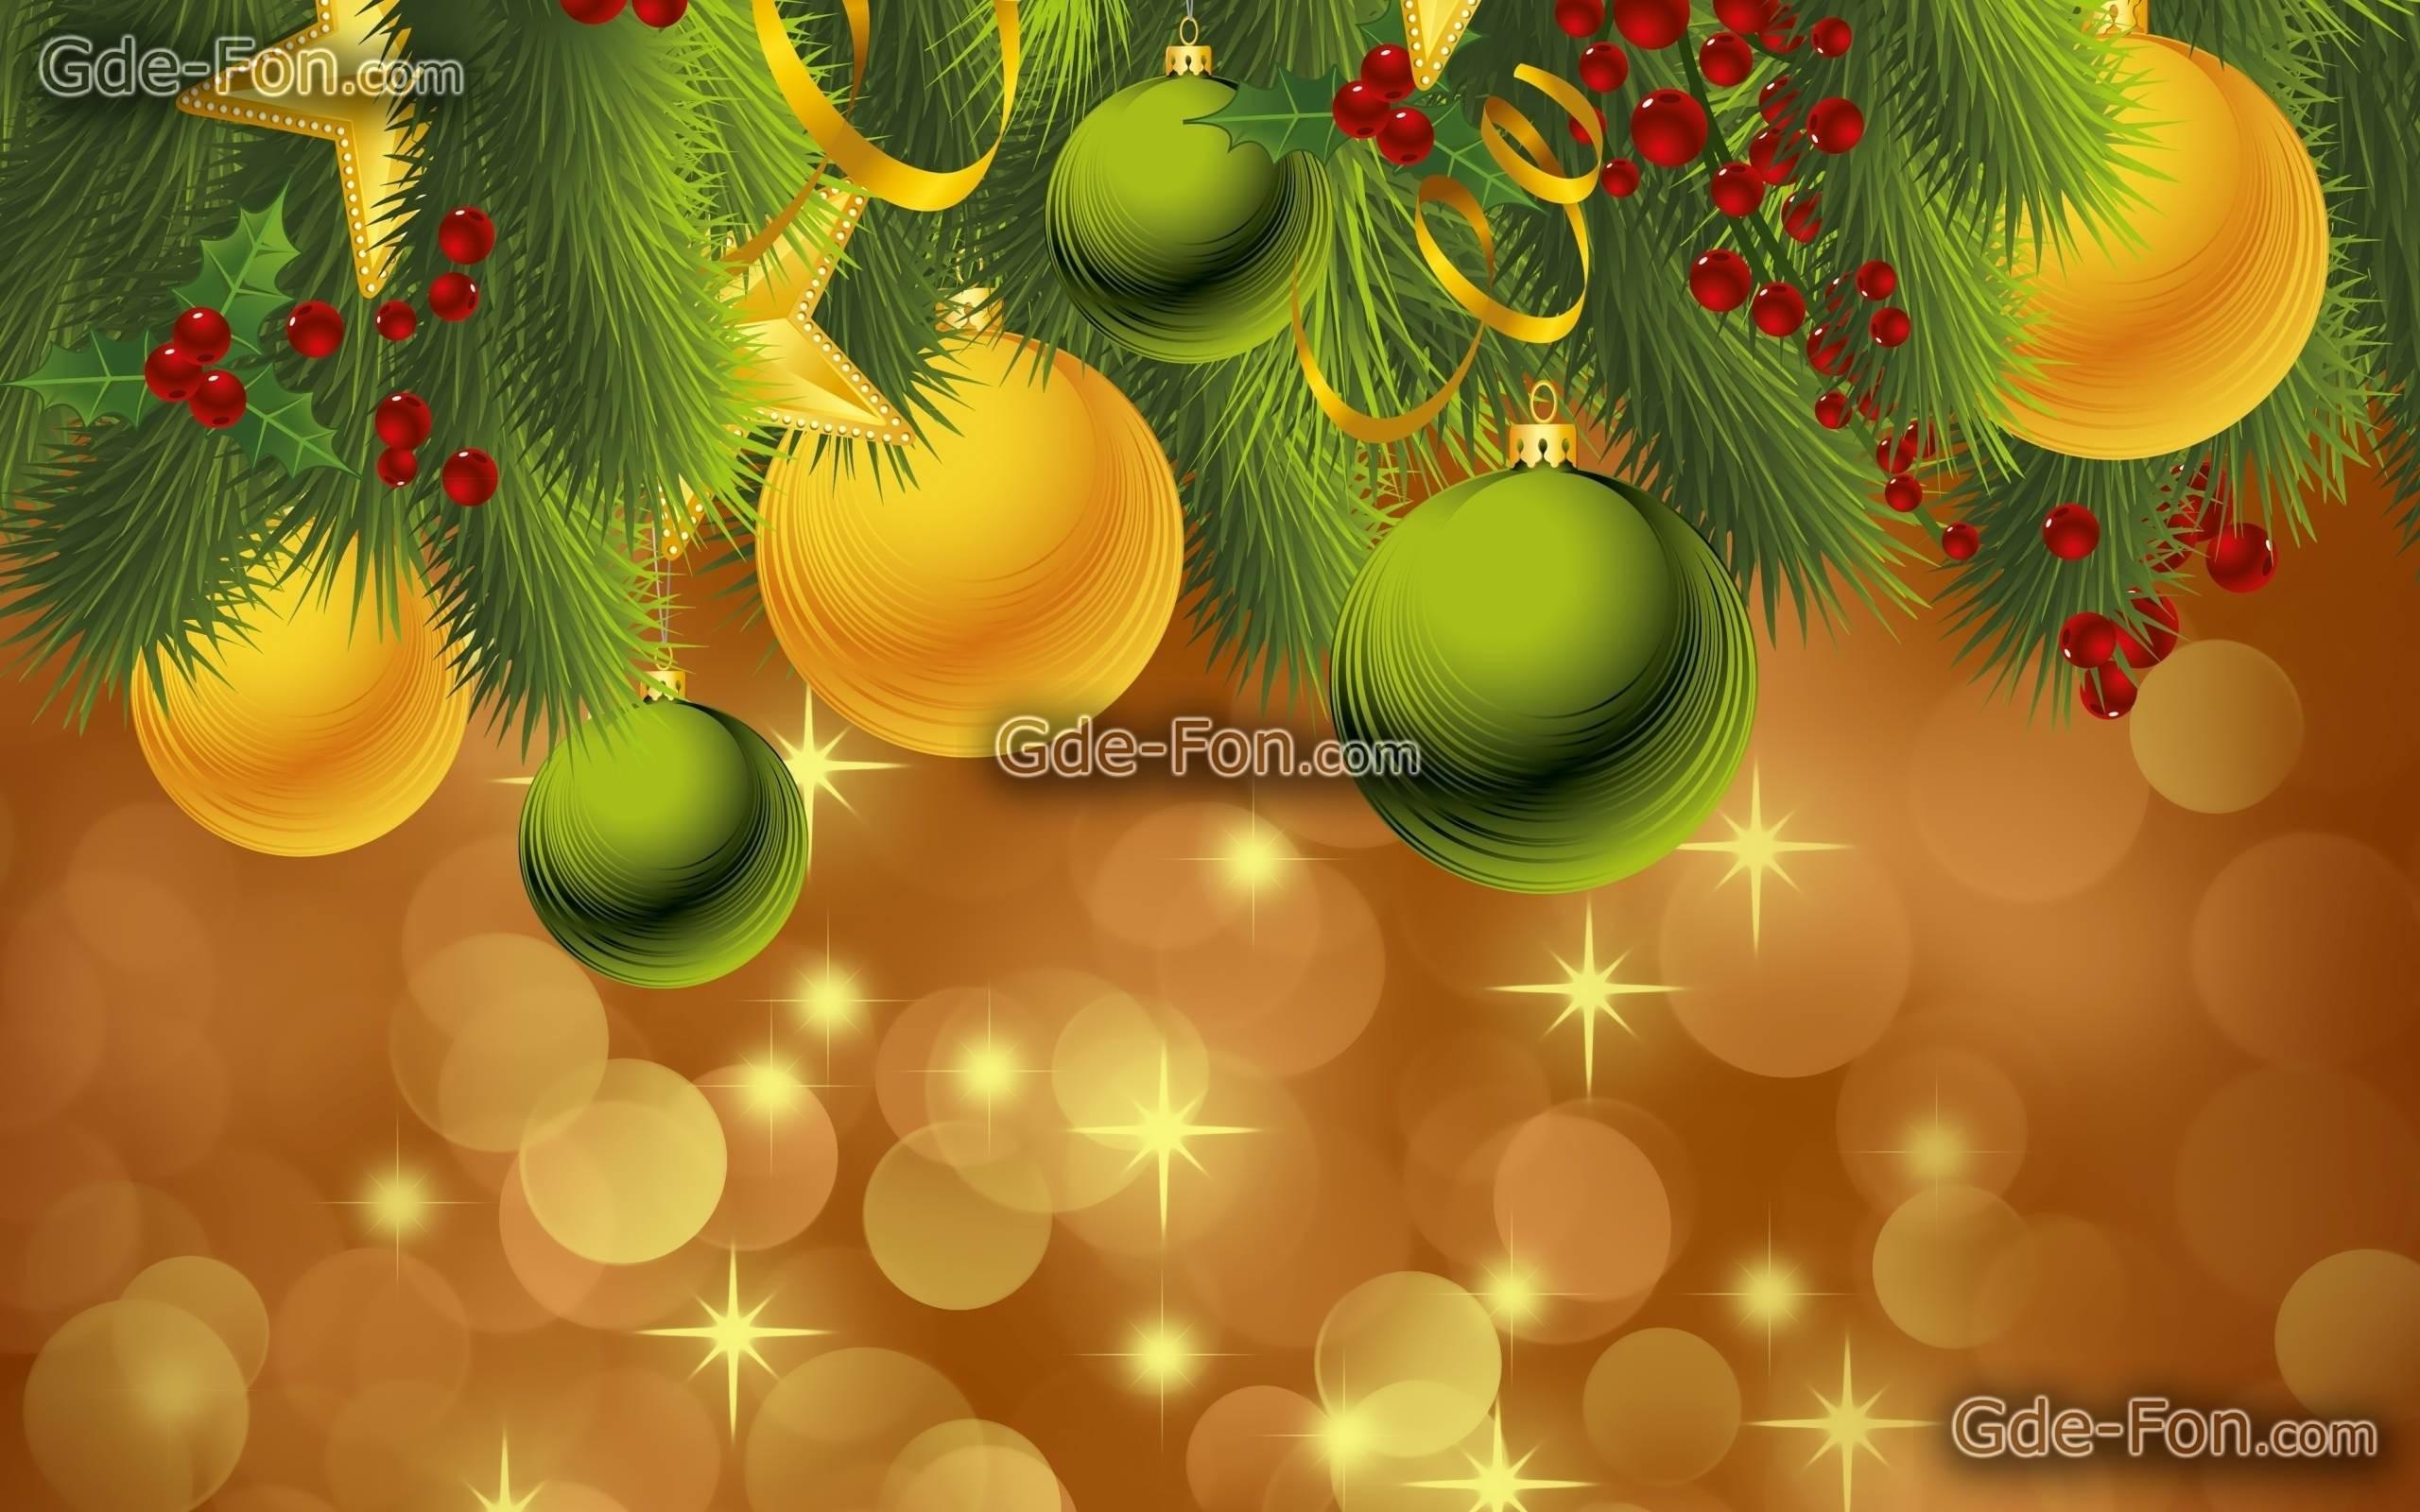 Holiday Desktop Wallpaper – www.